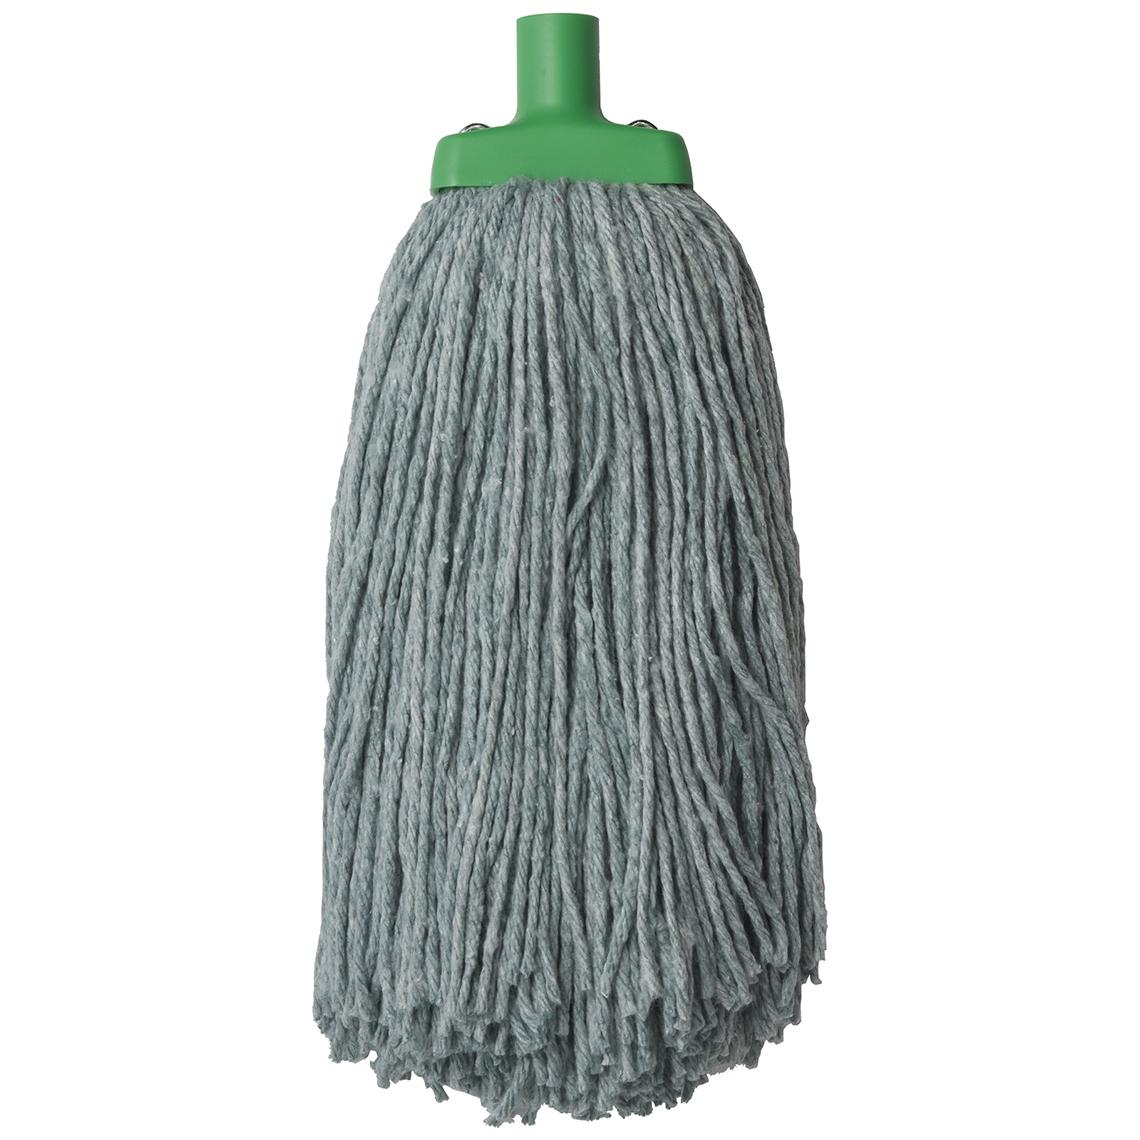 Duraclean Mop Head - 400gm - Green